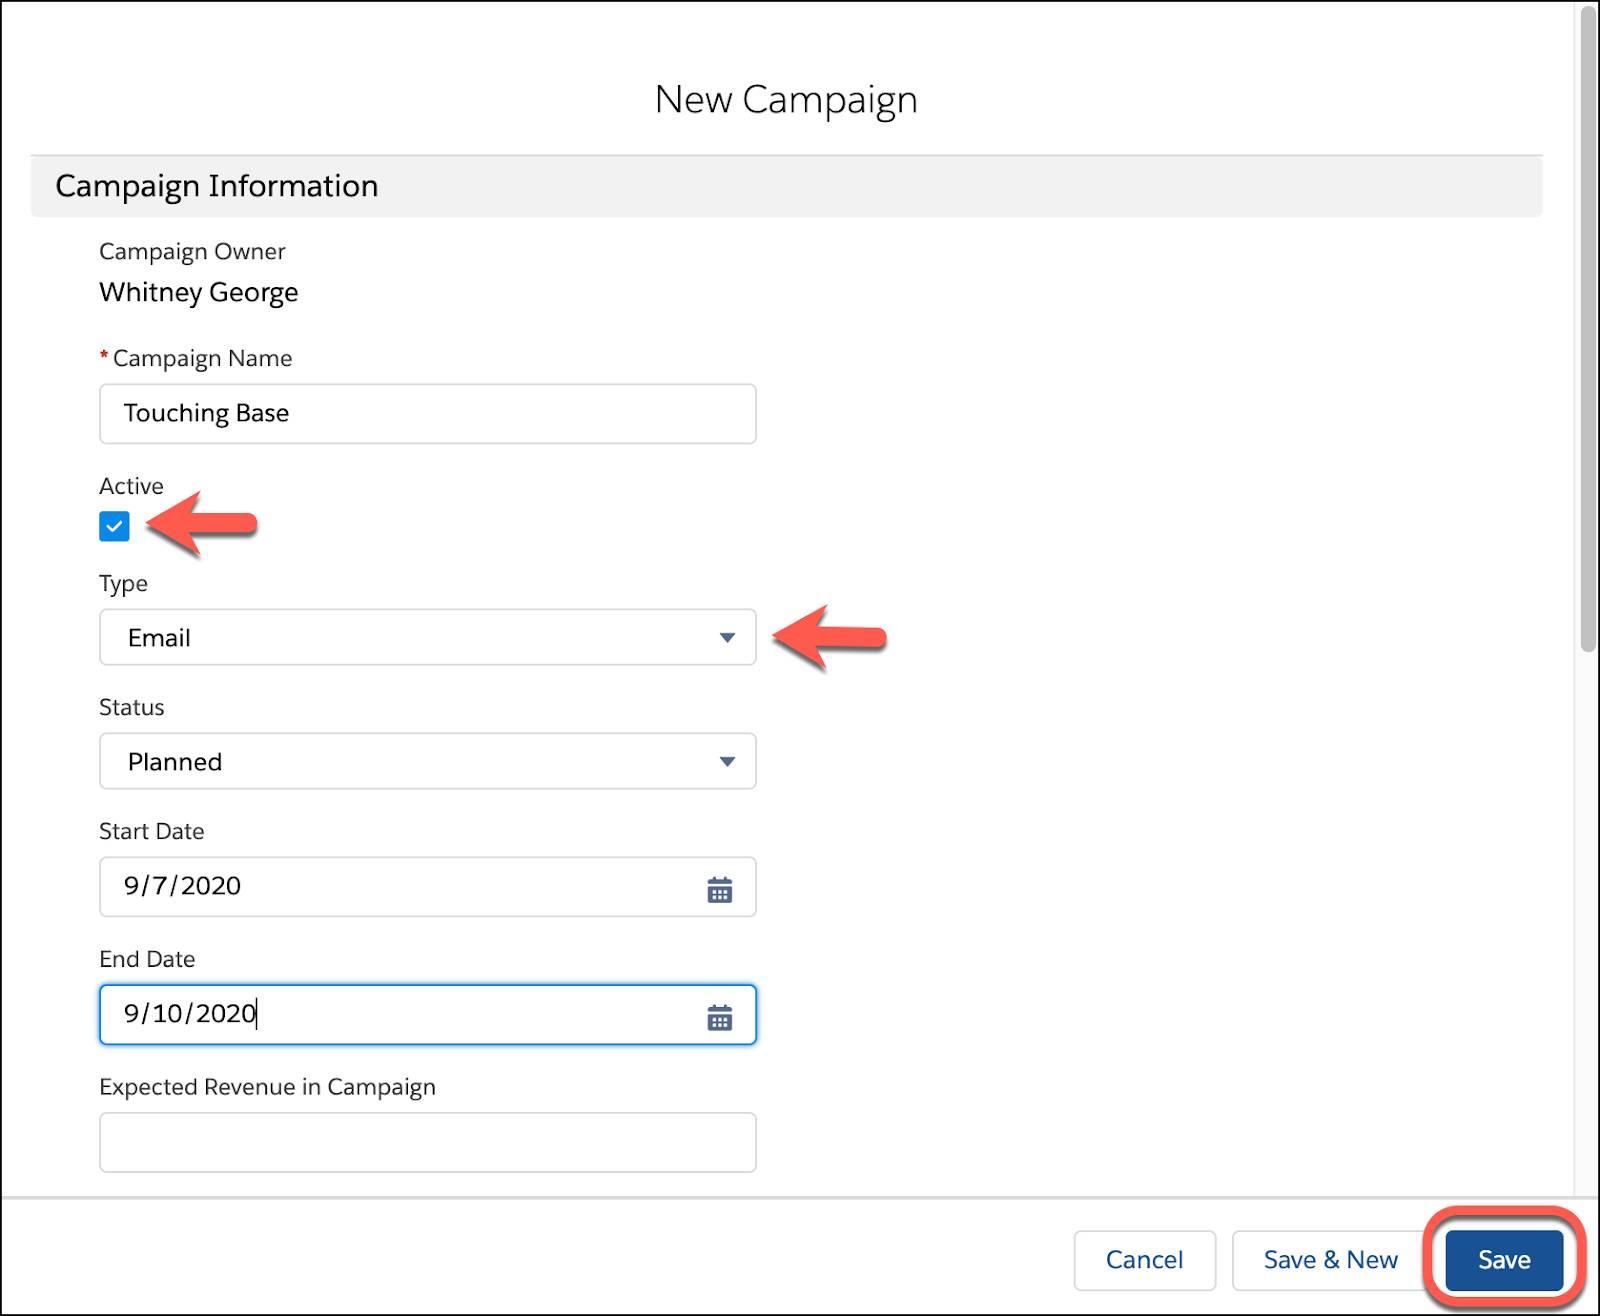 キャンペーンの詳細を入力し、[保存] をクリックします。